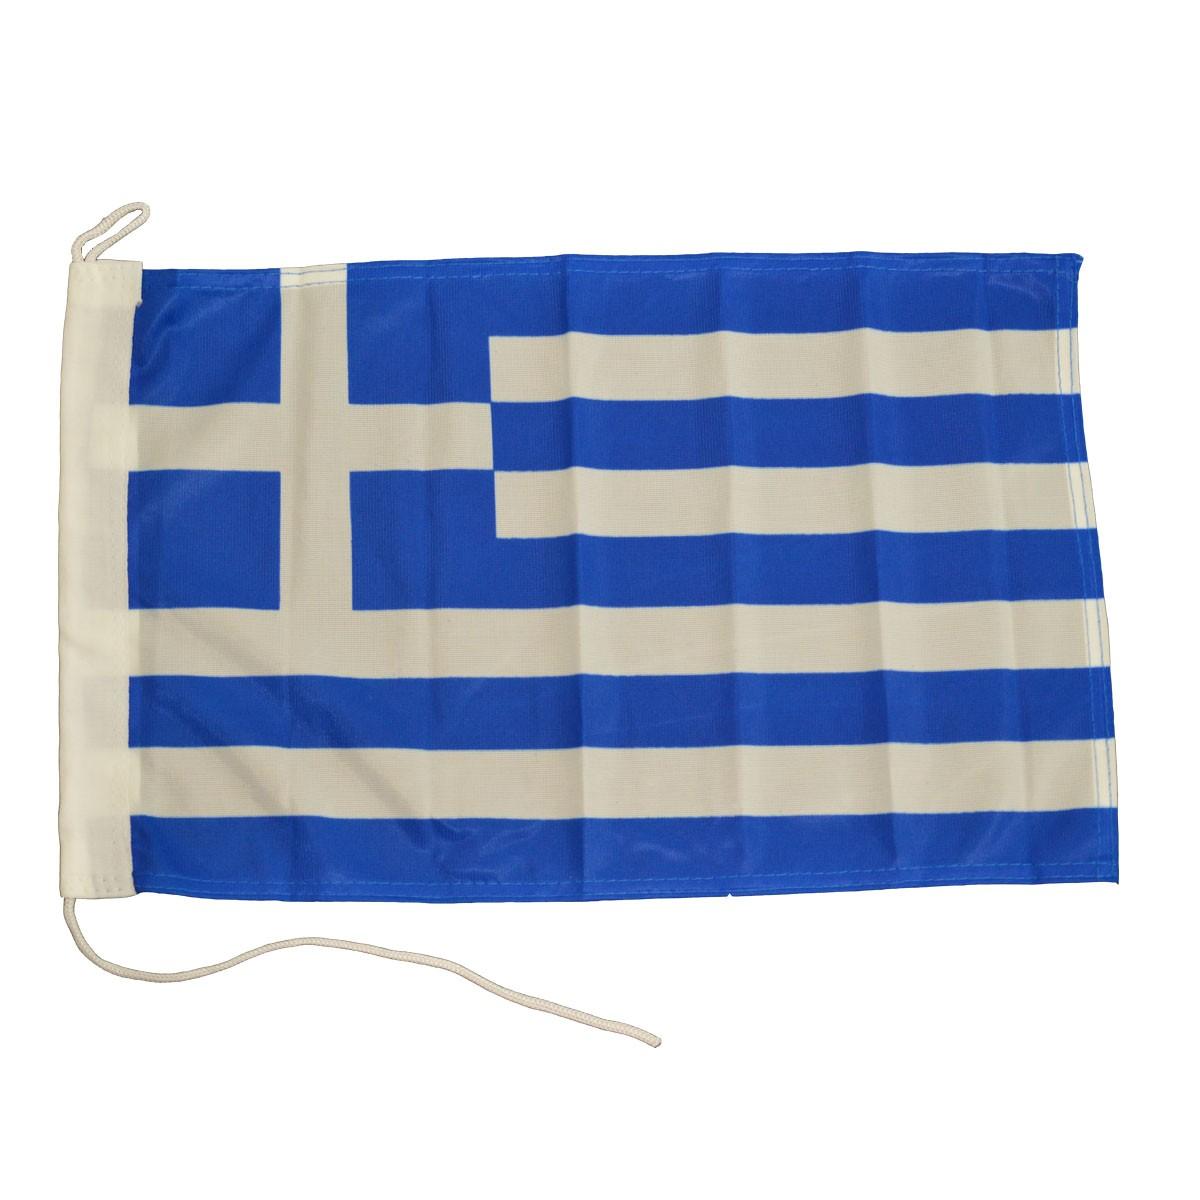 9.03 - Σημαία Ελληνική Ορθογώνια Μήκους 60cm